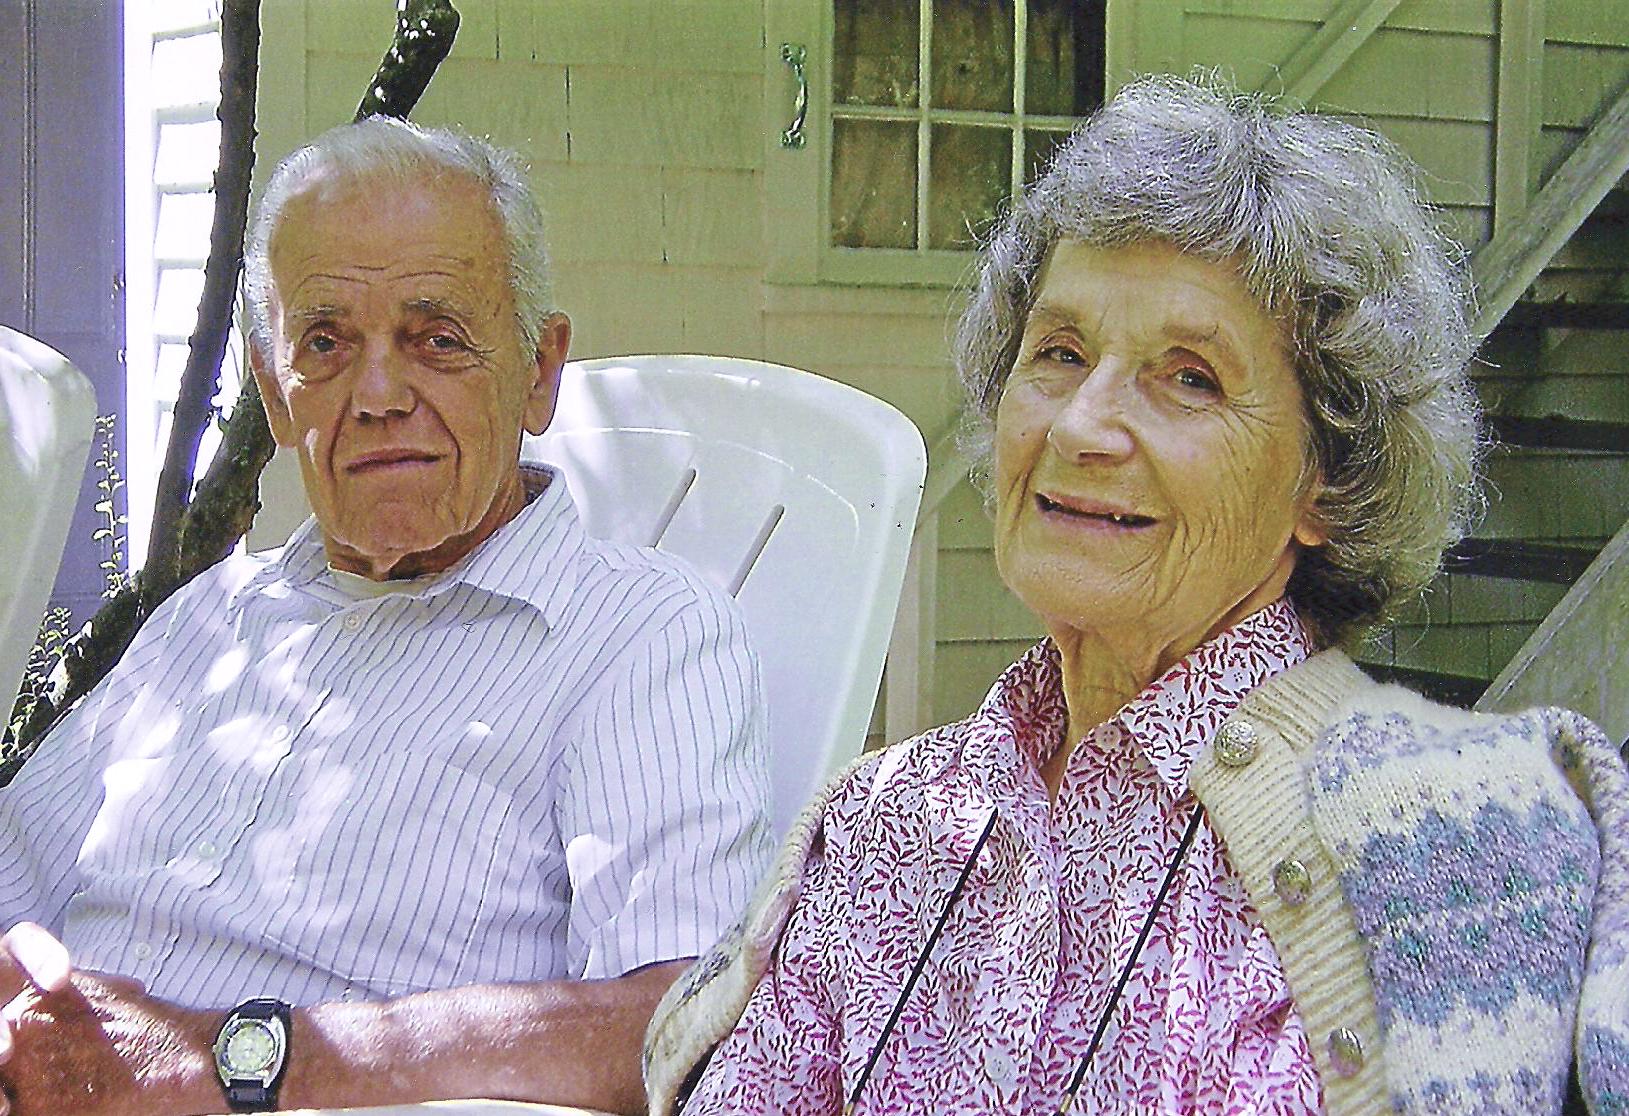 Gram & Gramp 6.jpg